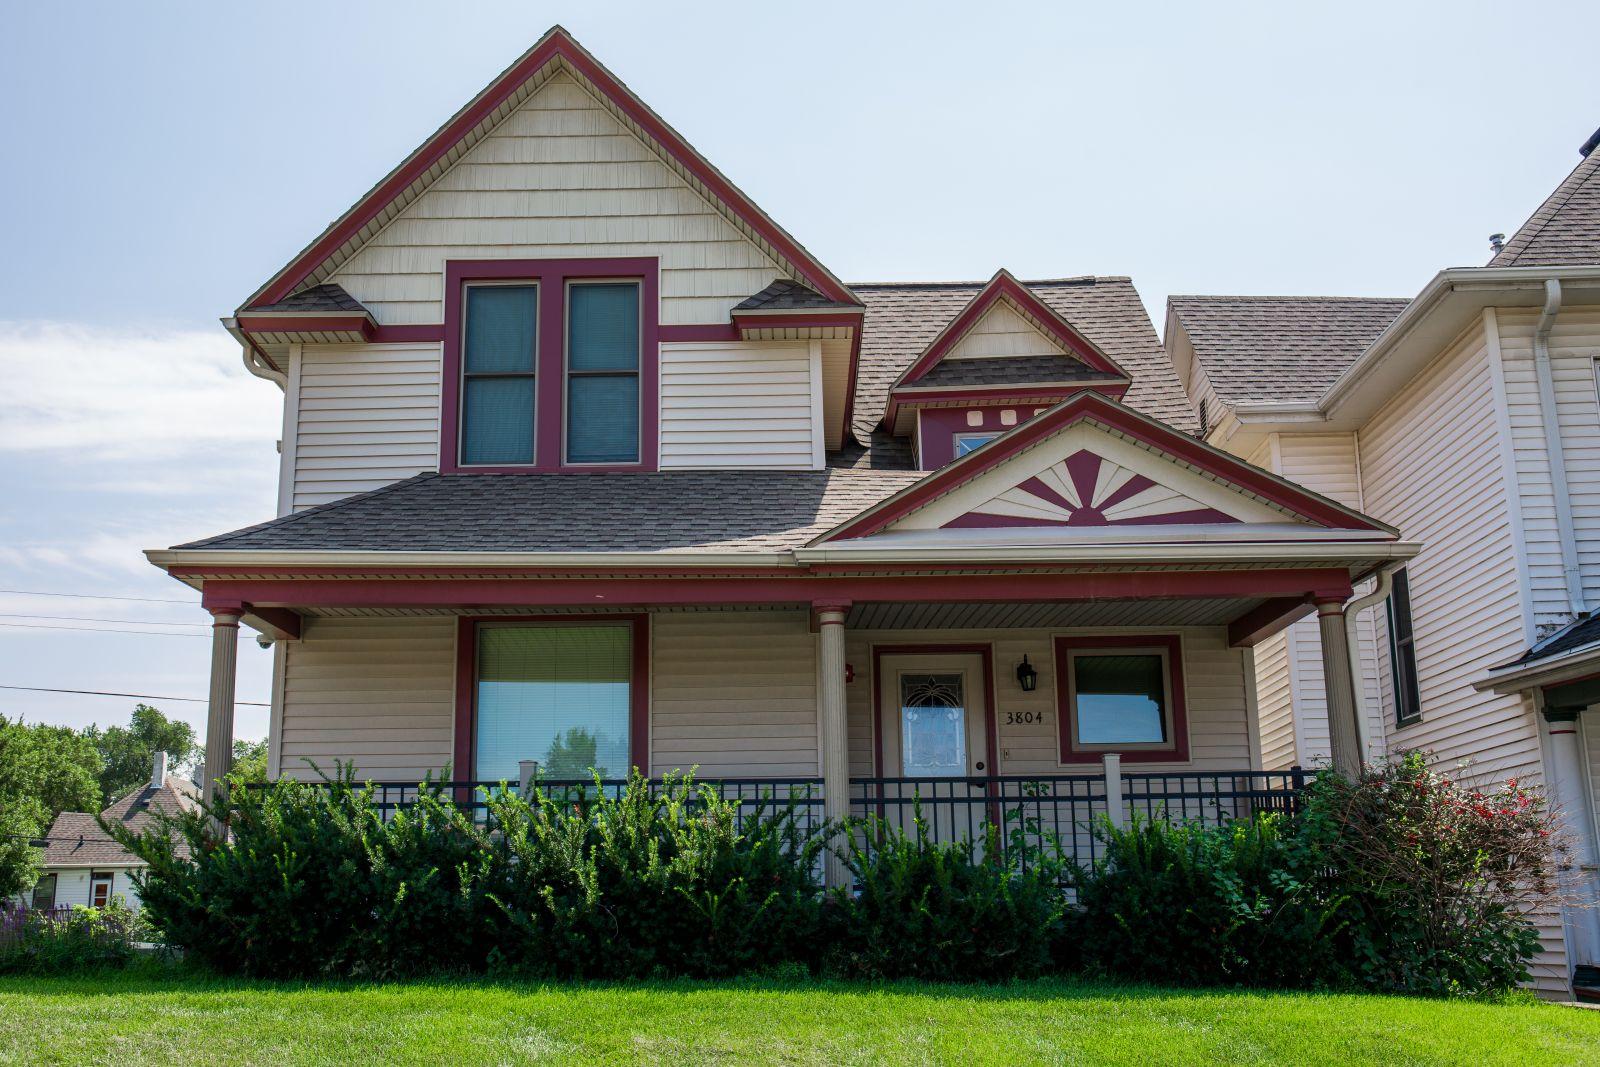 garettson house left side